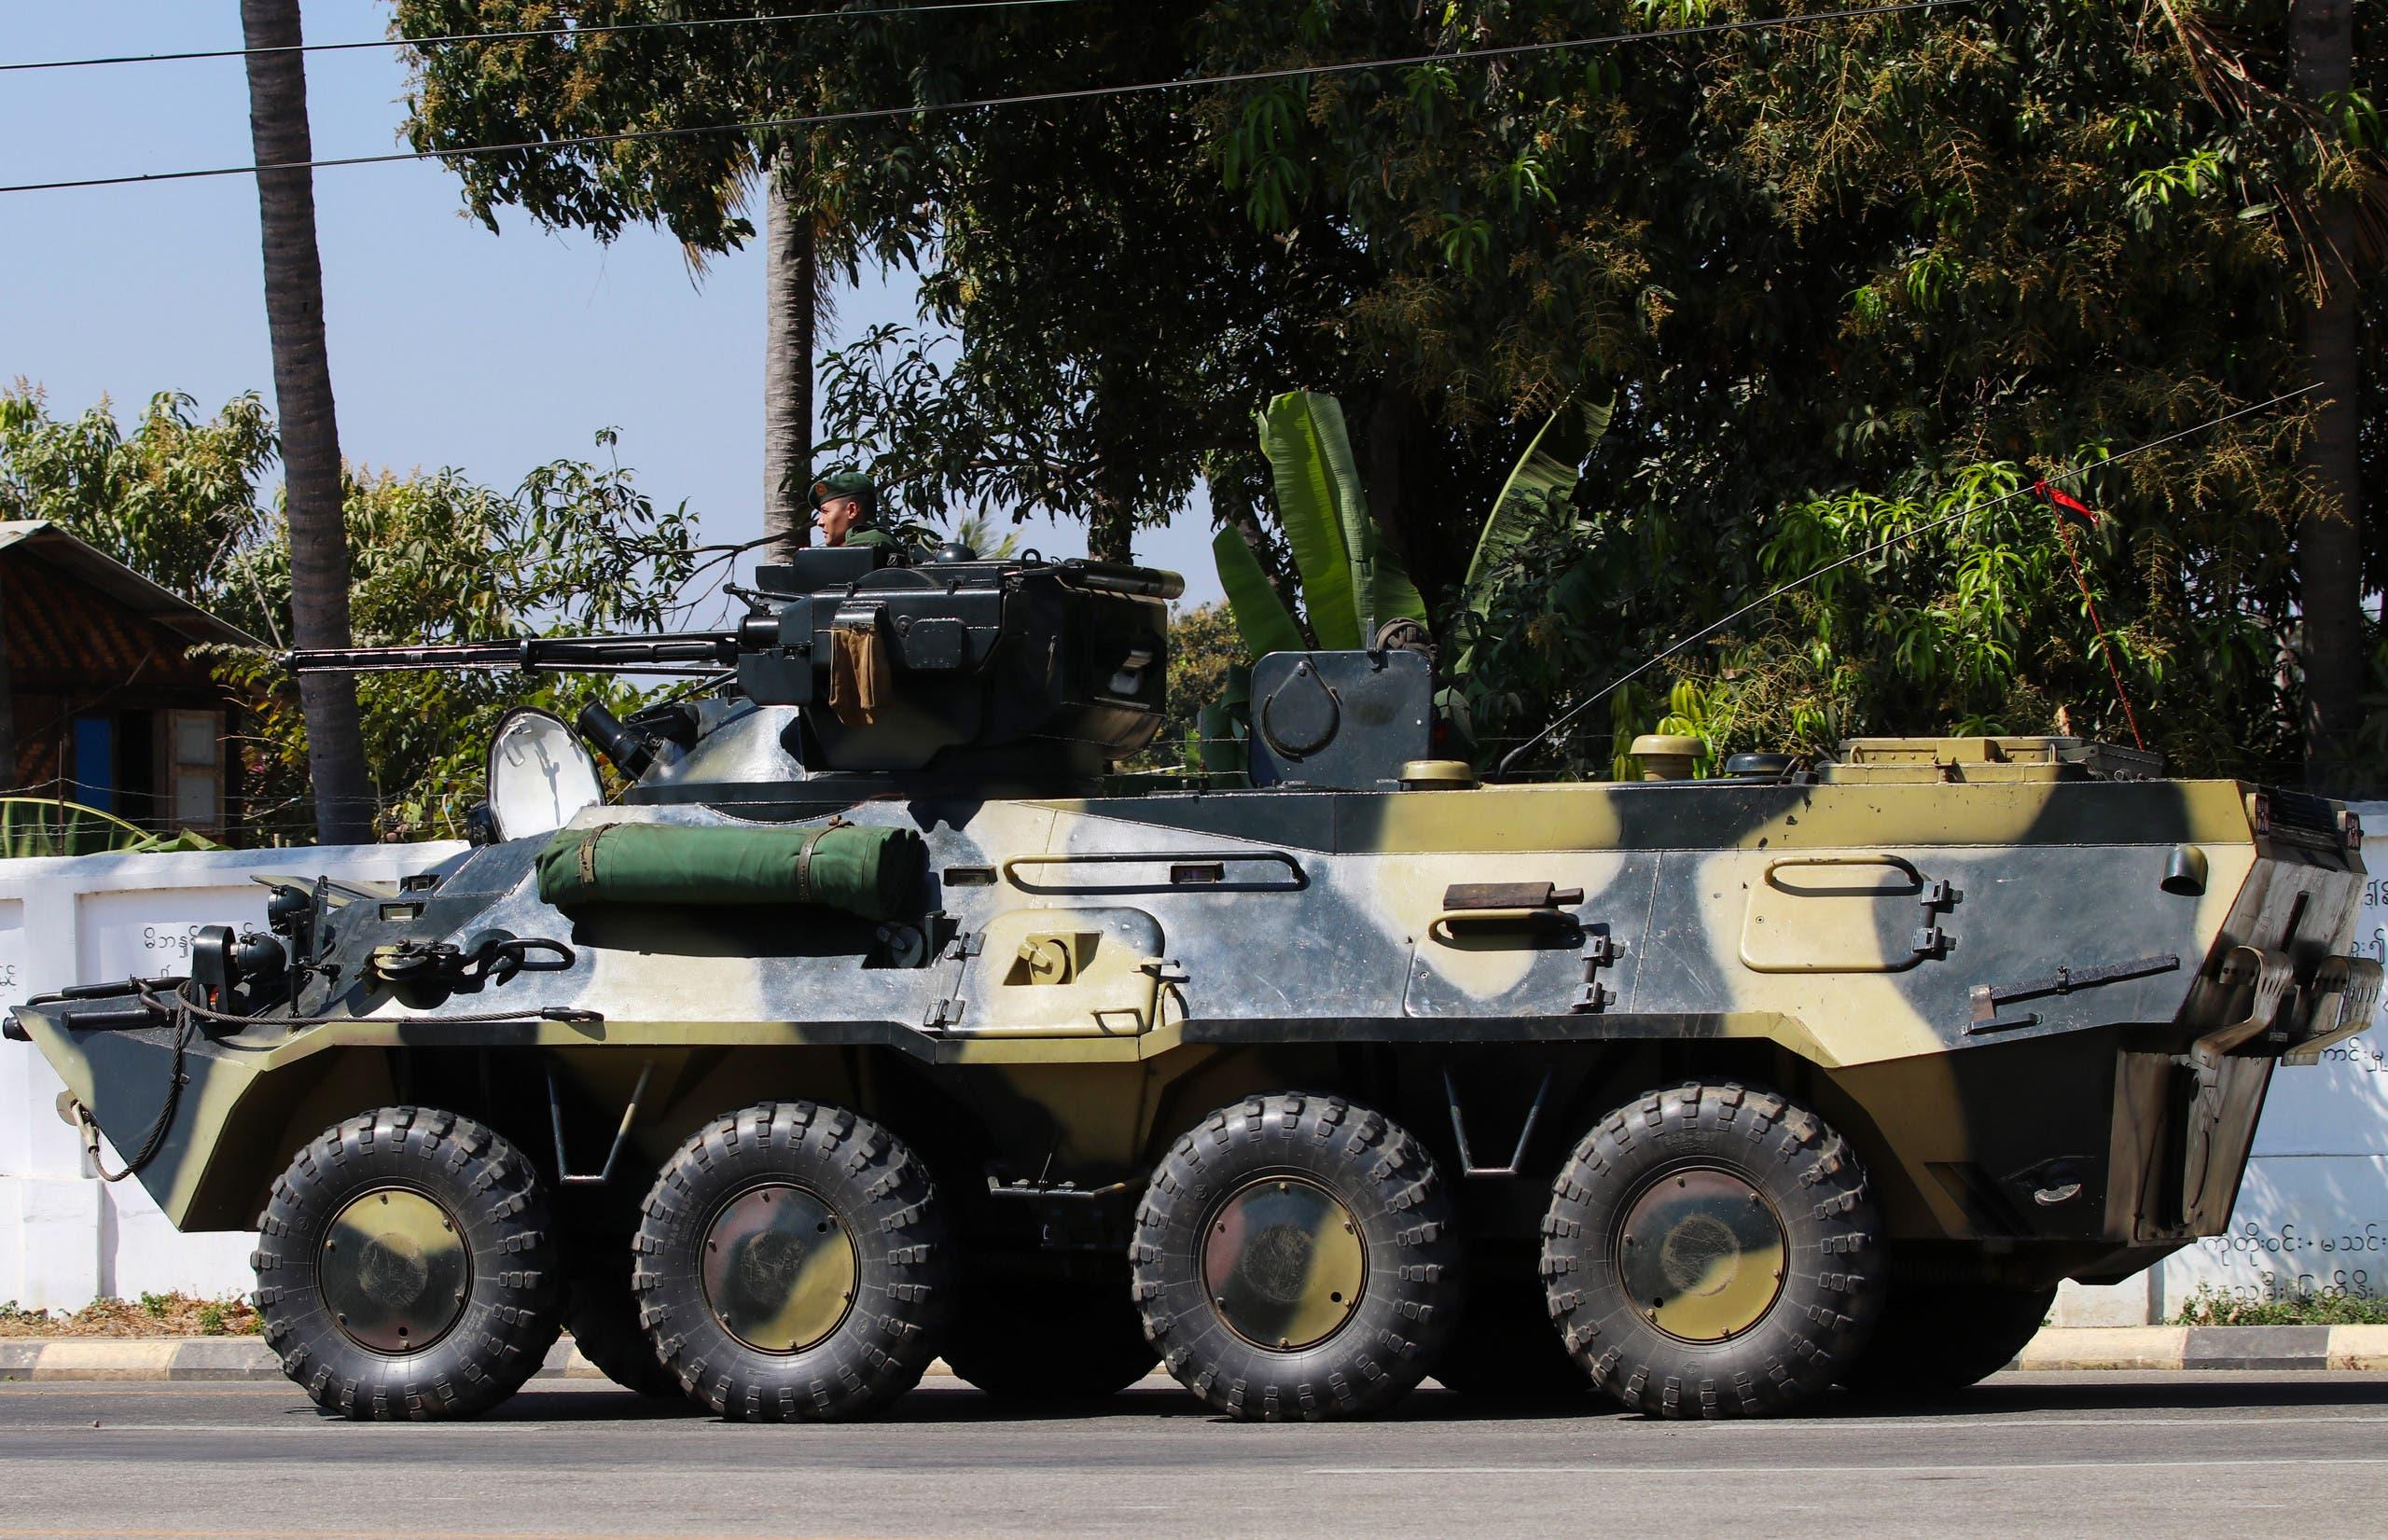 مركبة عسكرية في نايبيداو عاصمة بورما يوم 3 فبراير